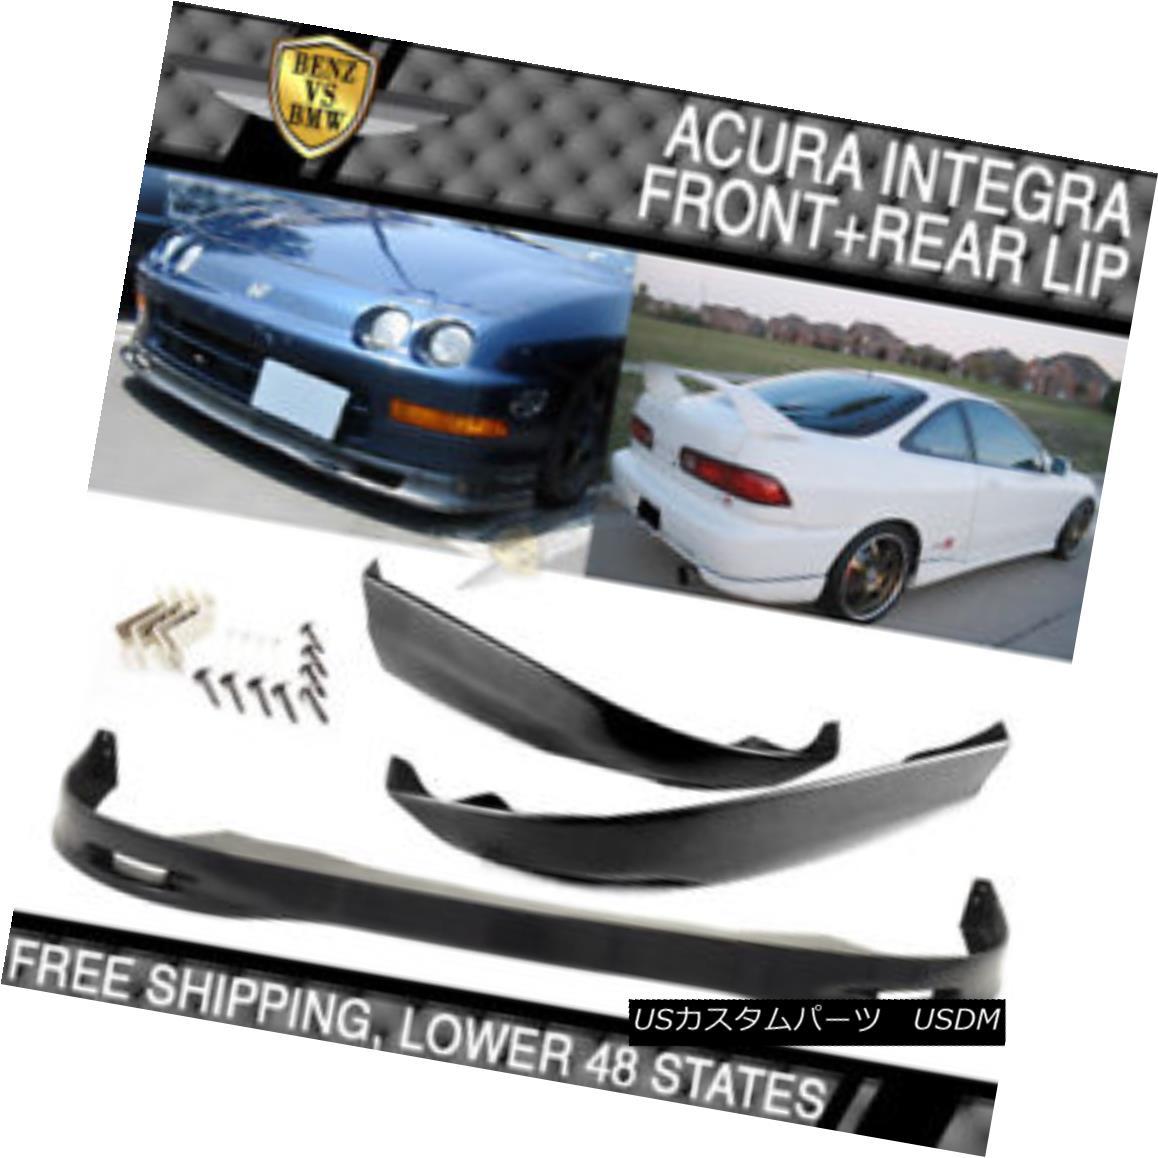 エアロパーツ Black Poly Urethane PU SPOON Front & Rear Bumper Lip Fits 98-01 Acura Integra ブラックポリウレタンPU SPONフロント& リアバンパーリップフィッティング98-01 Acura Integra